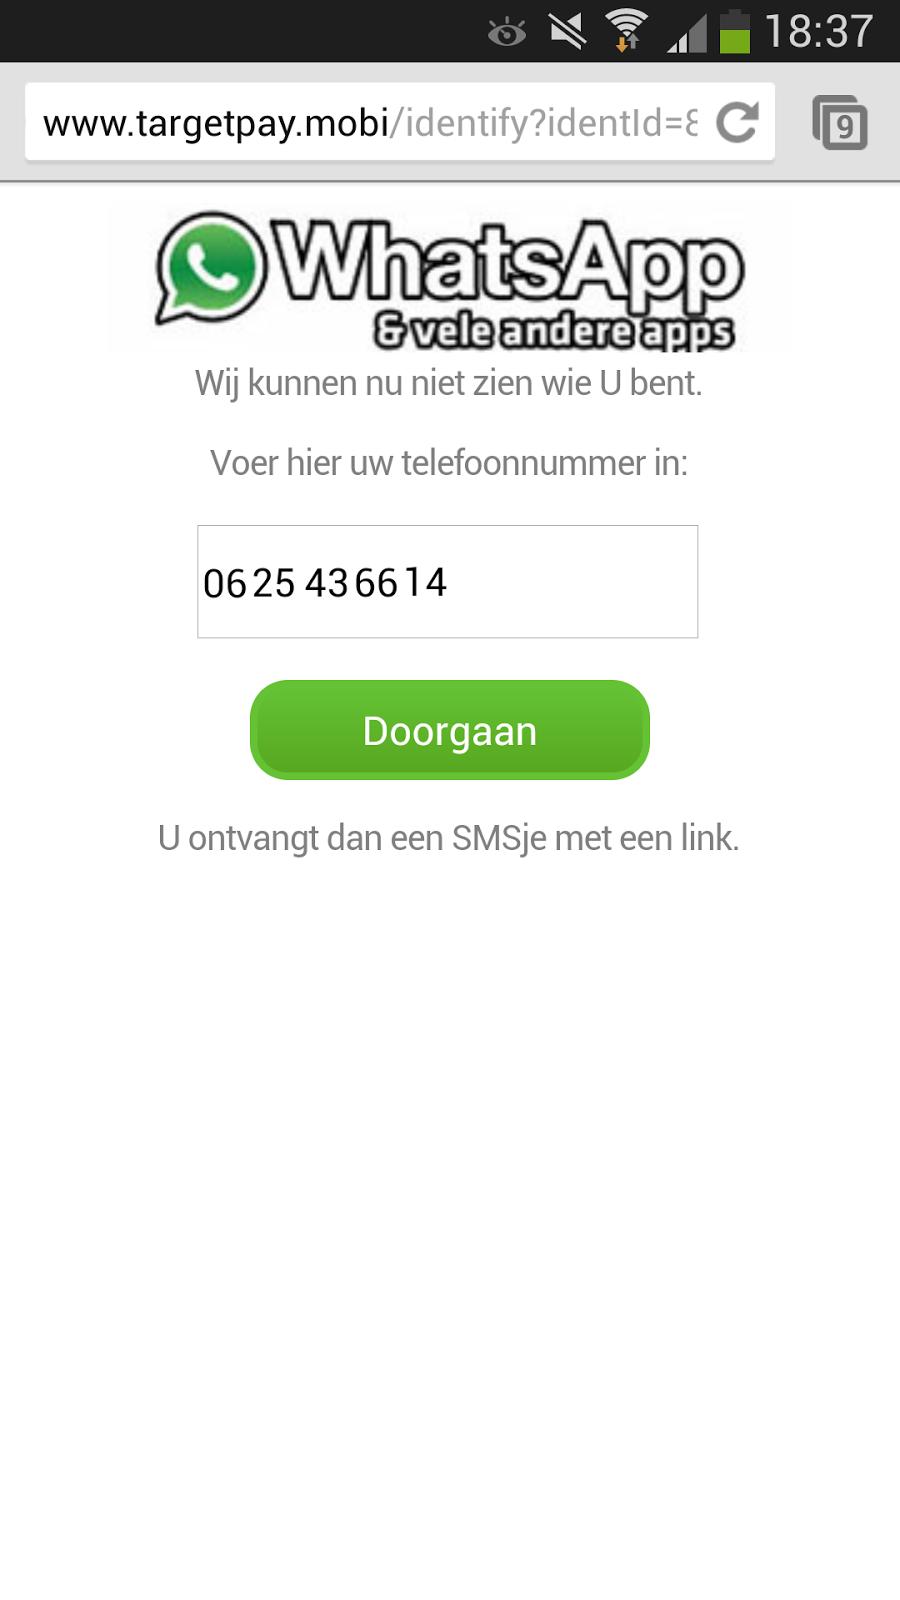 virus whatsapp melding